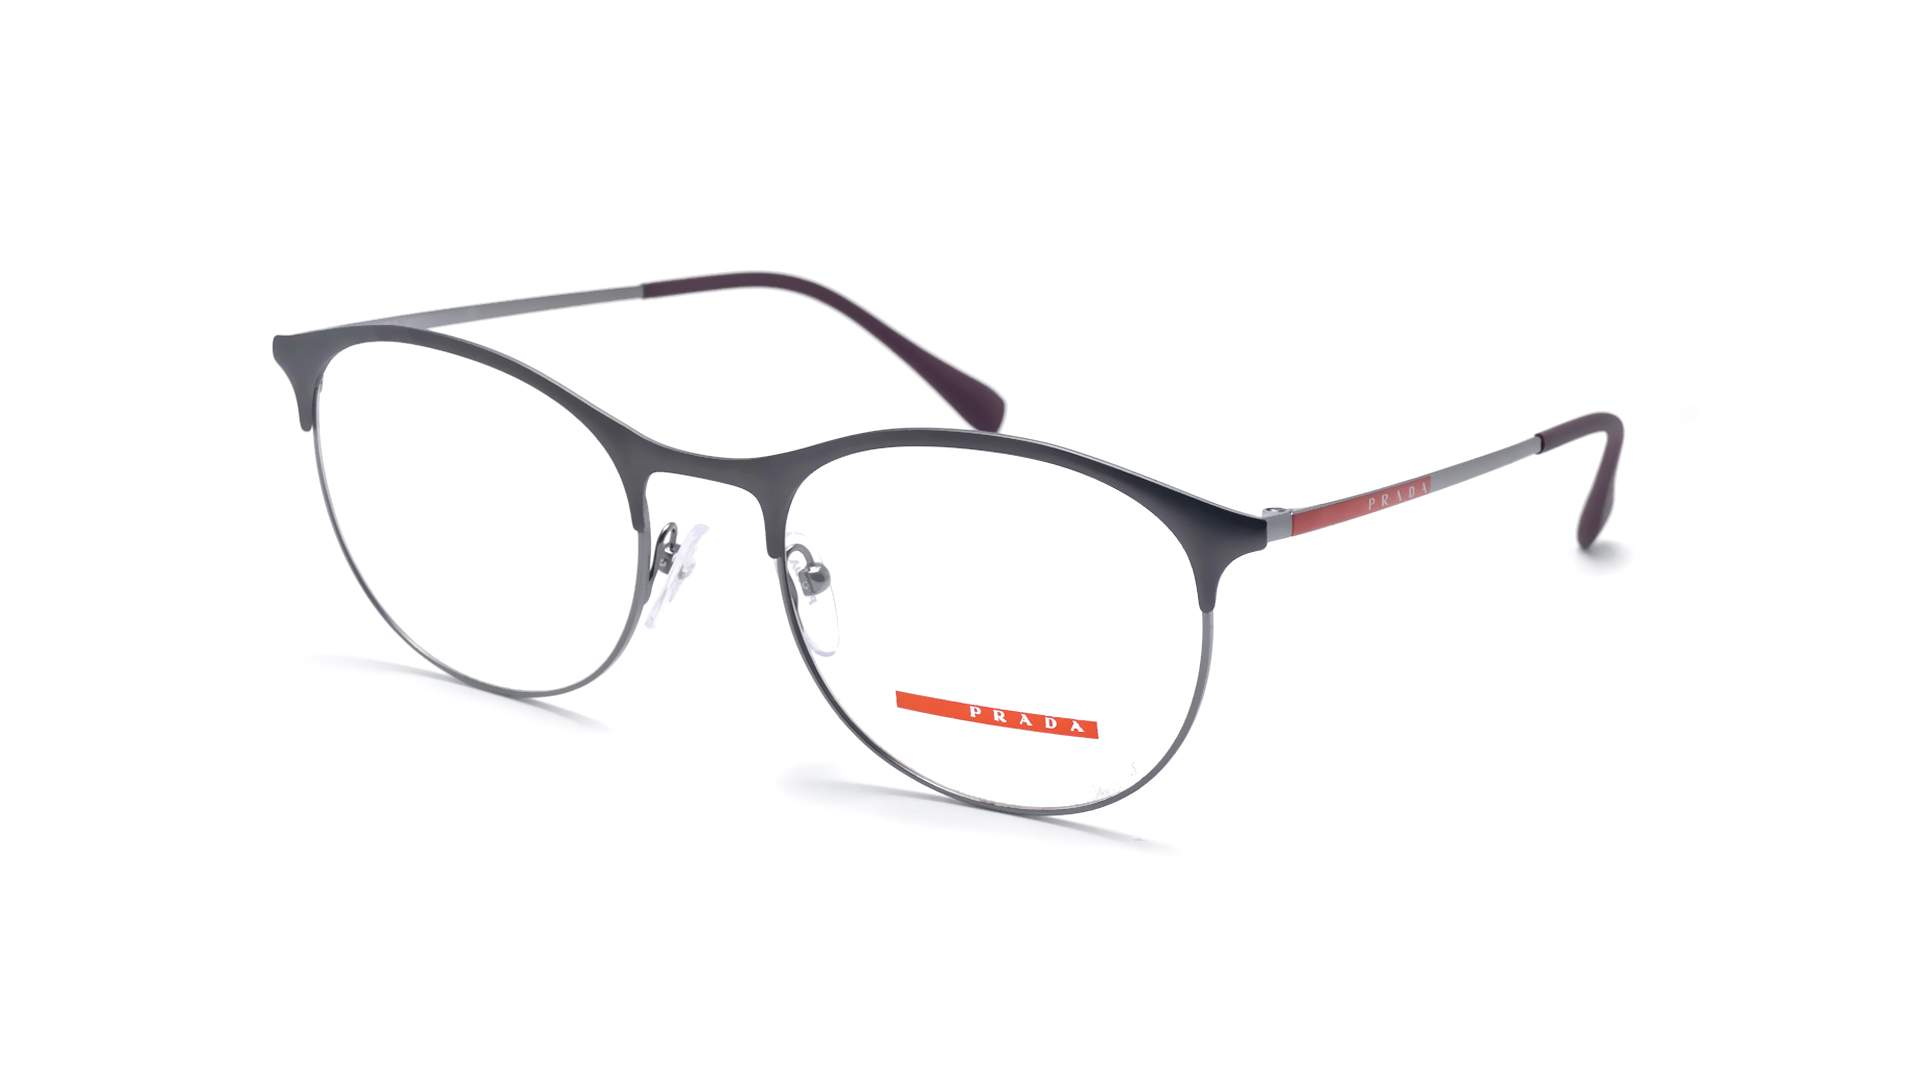 Eyeglasses Prada Linea Rossa PS53IV VIX1O1 52-19 Grey Matte Large 3e894811b9